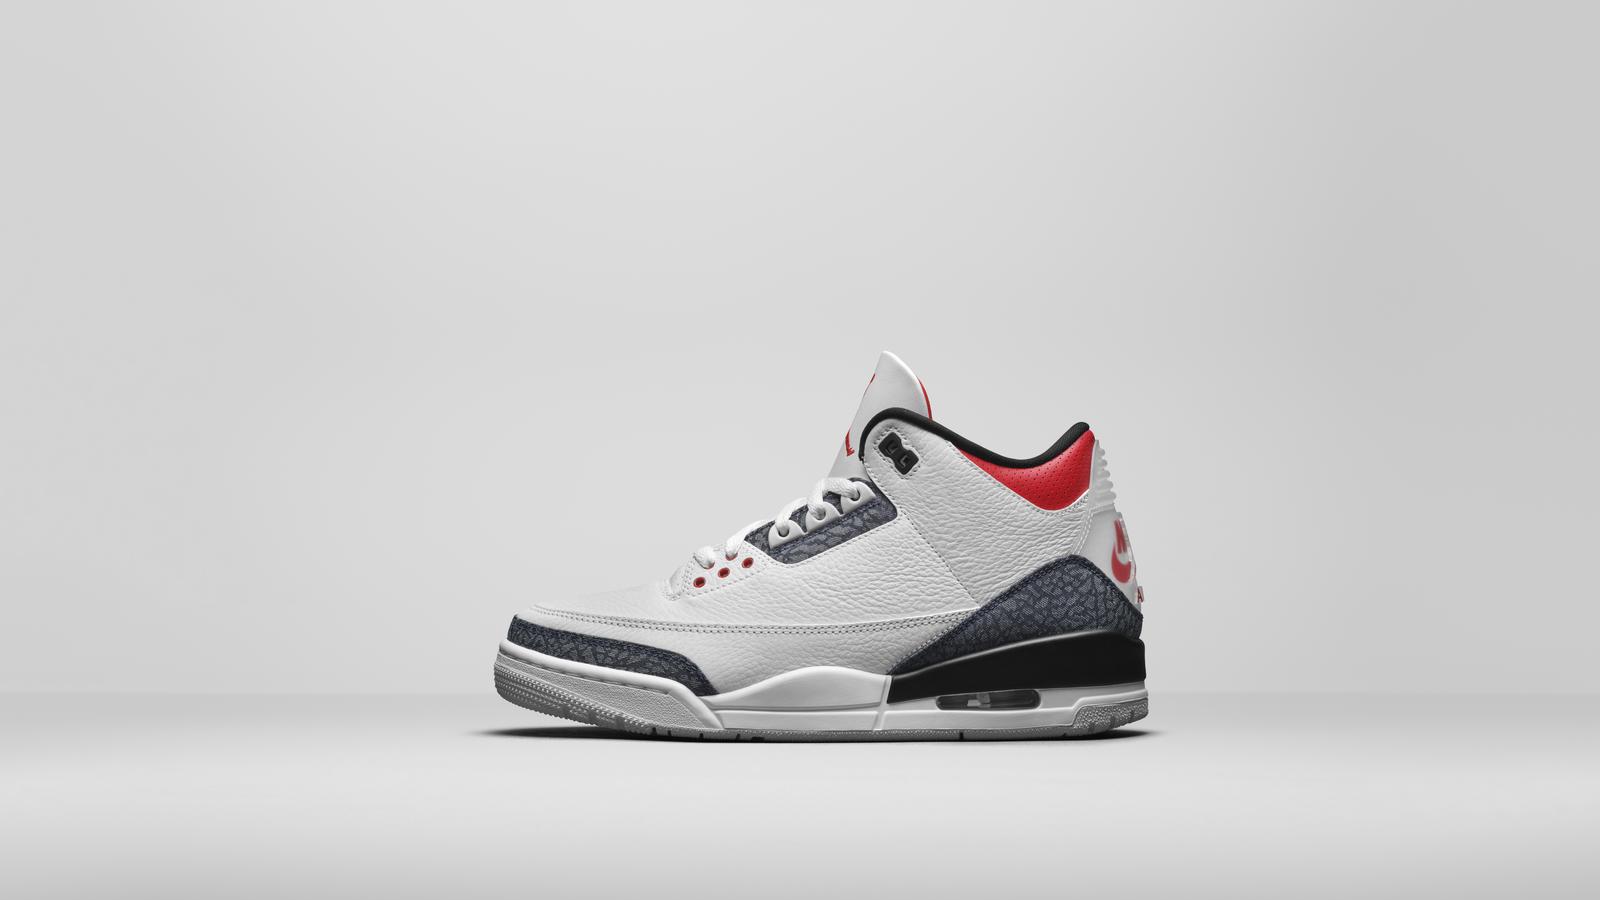 Jordan Brand Fall 2020 Releases 7